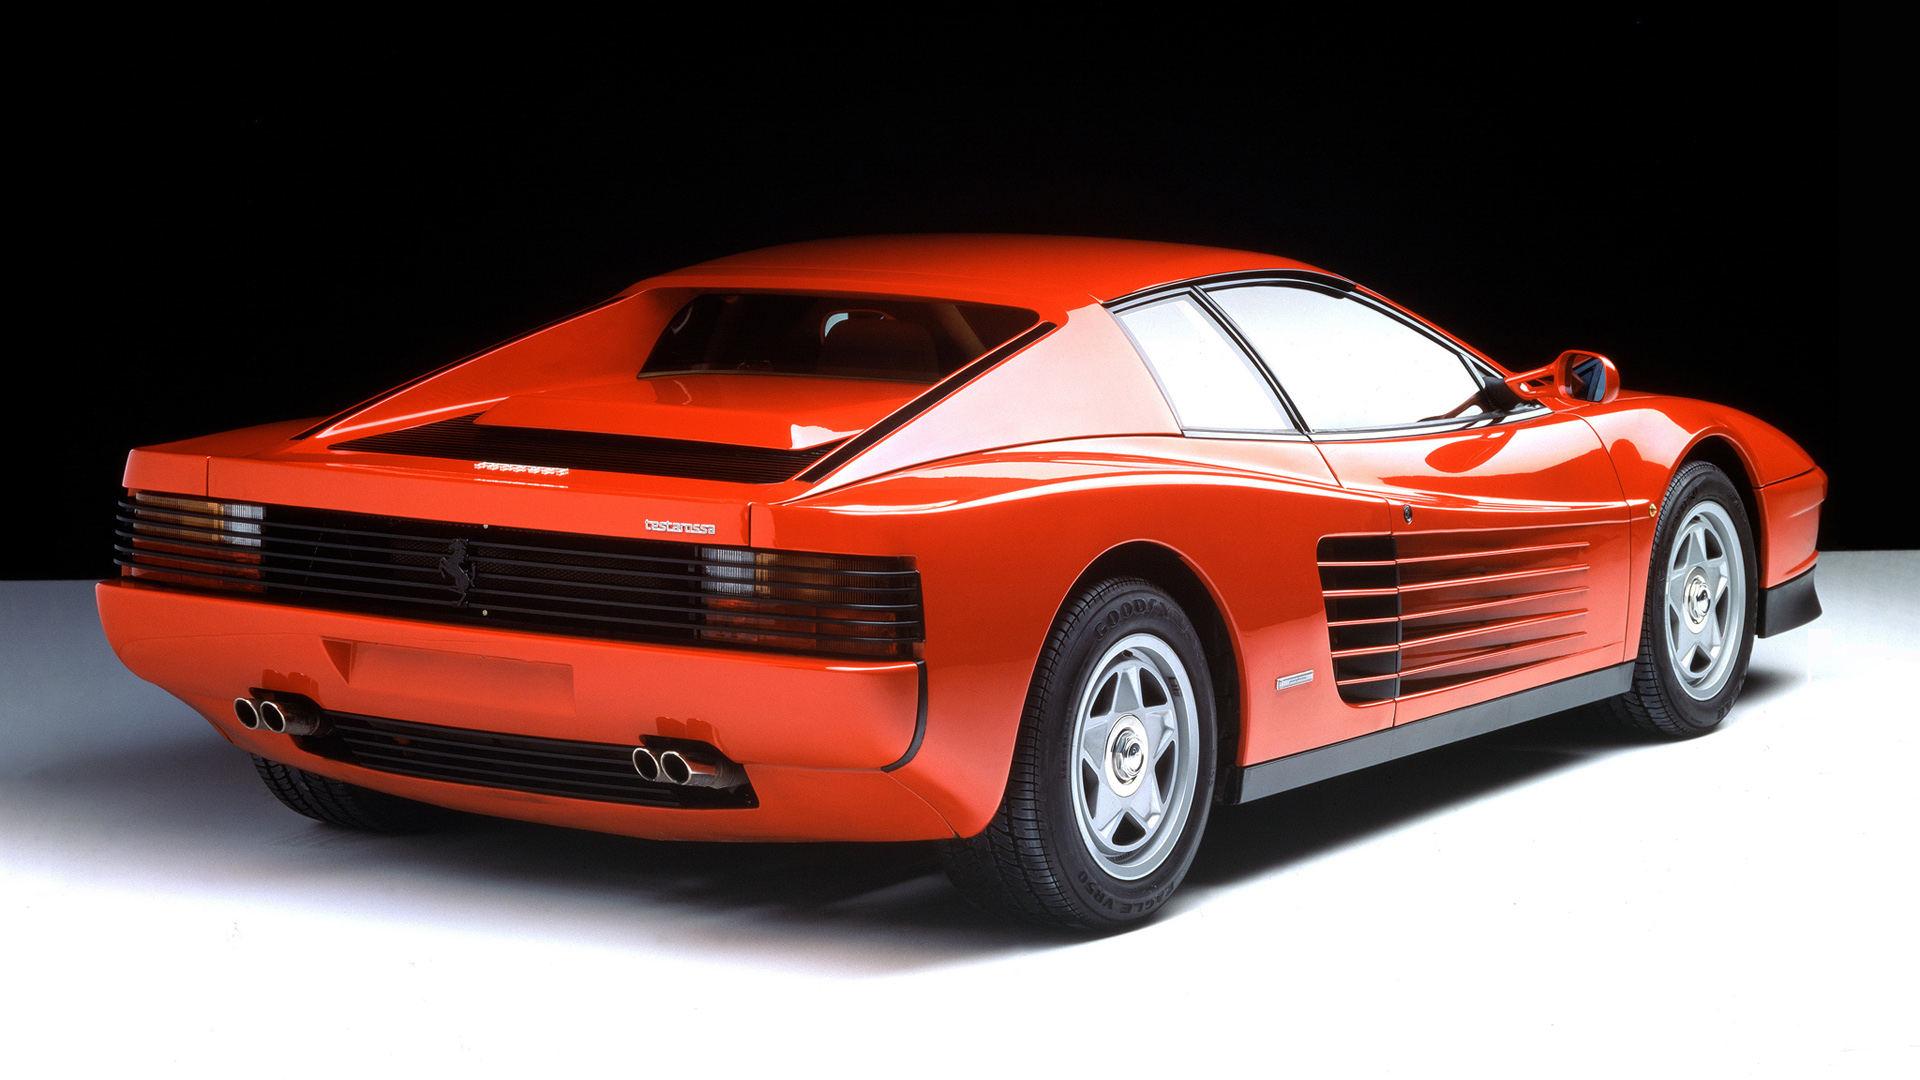 1984 Ferrari Testarossa